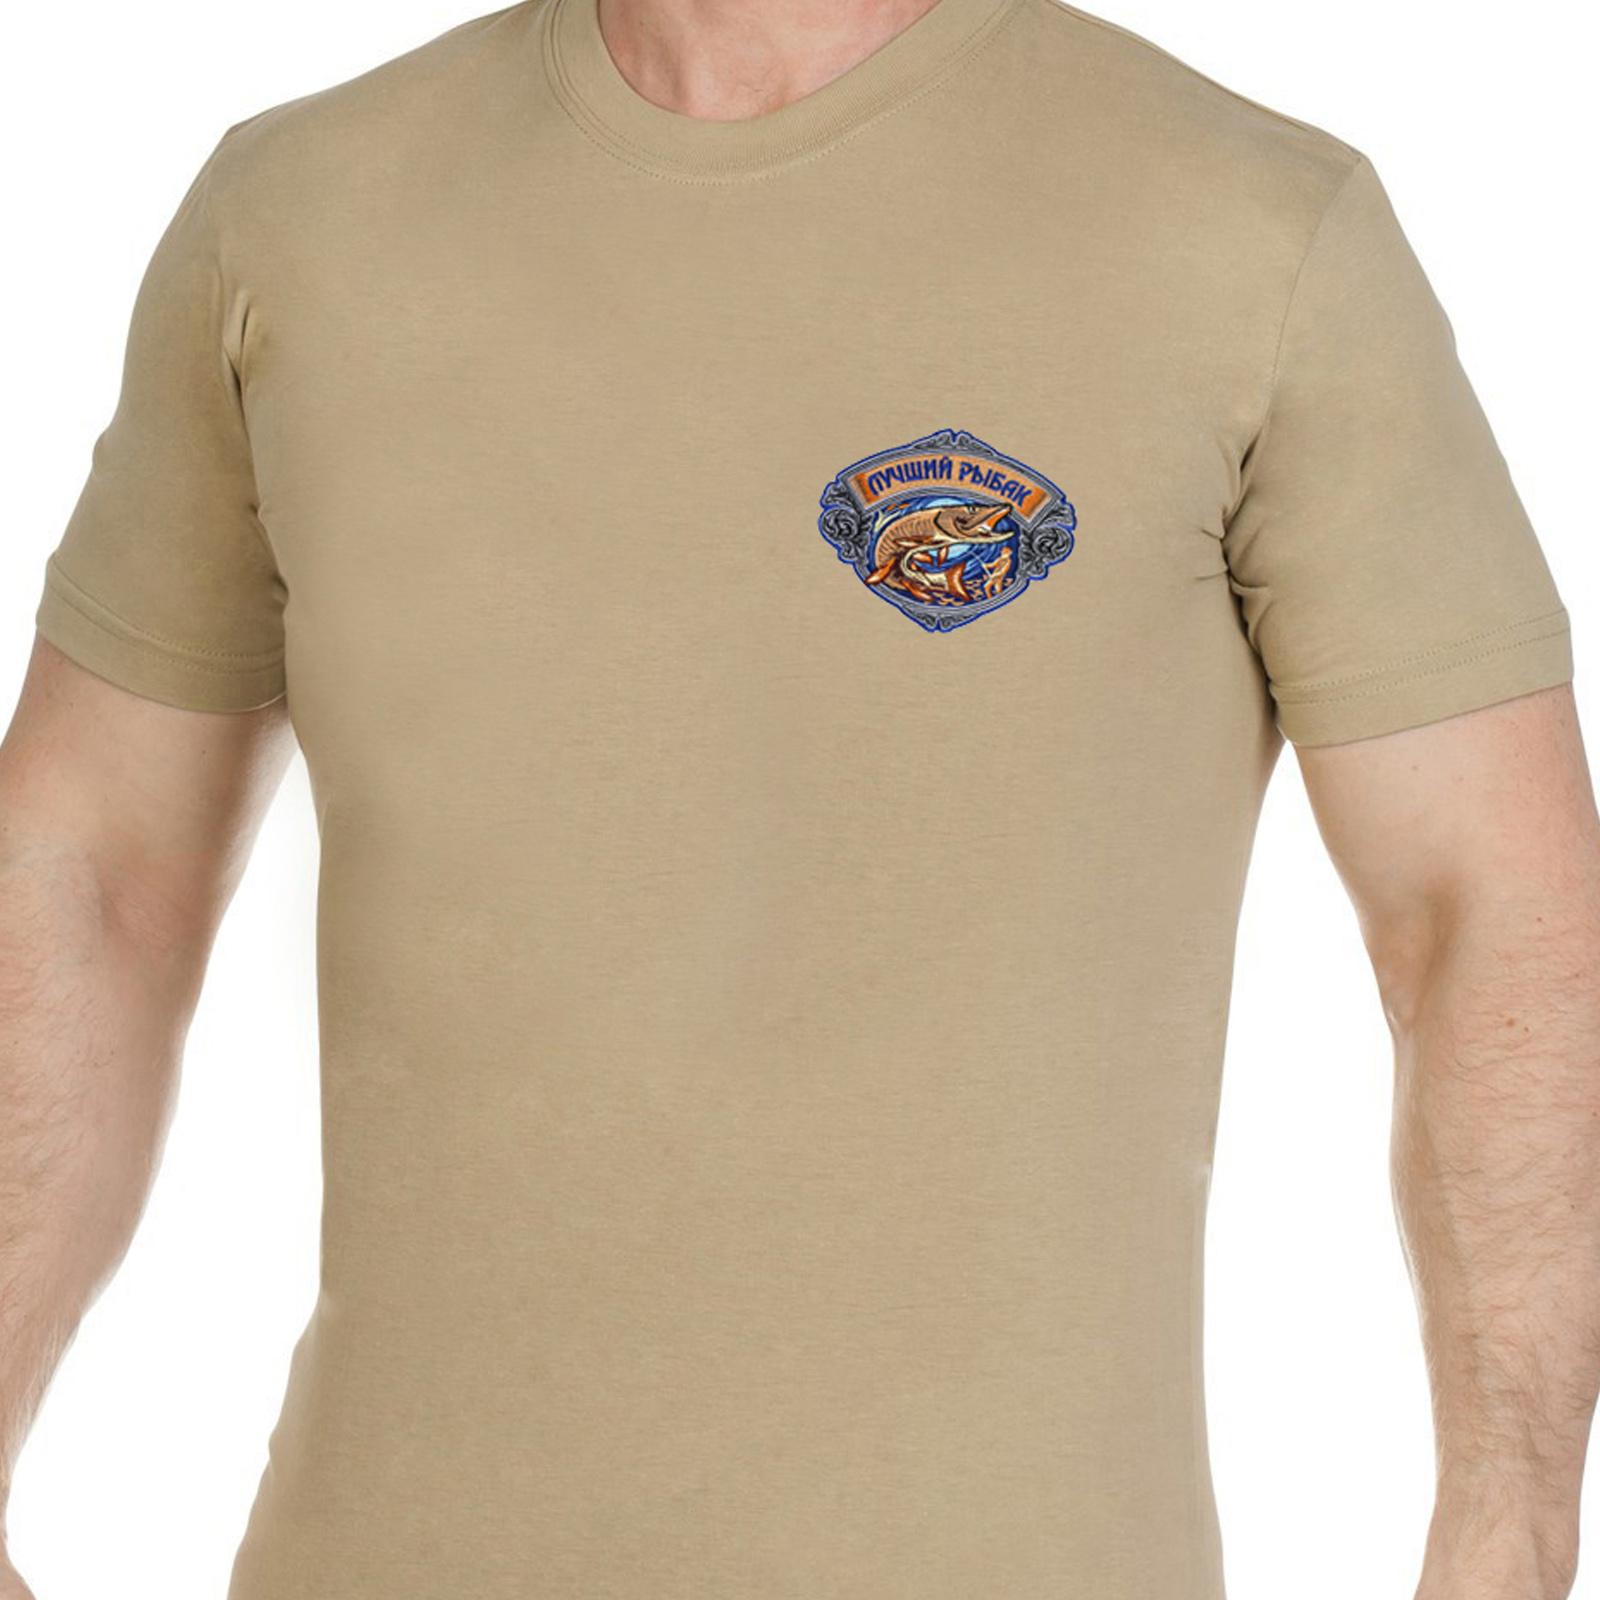 Светлая мужская футболка с вышивкой Лучший Рыбак